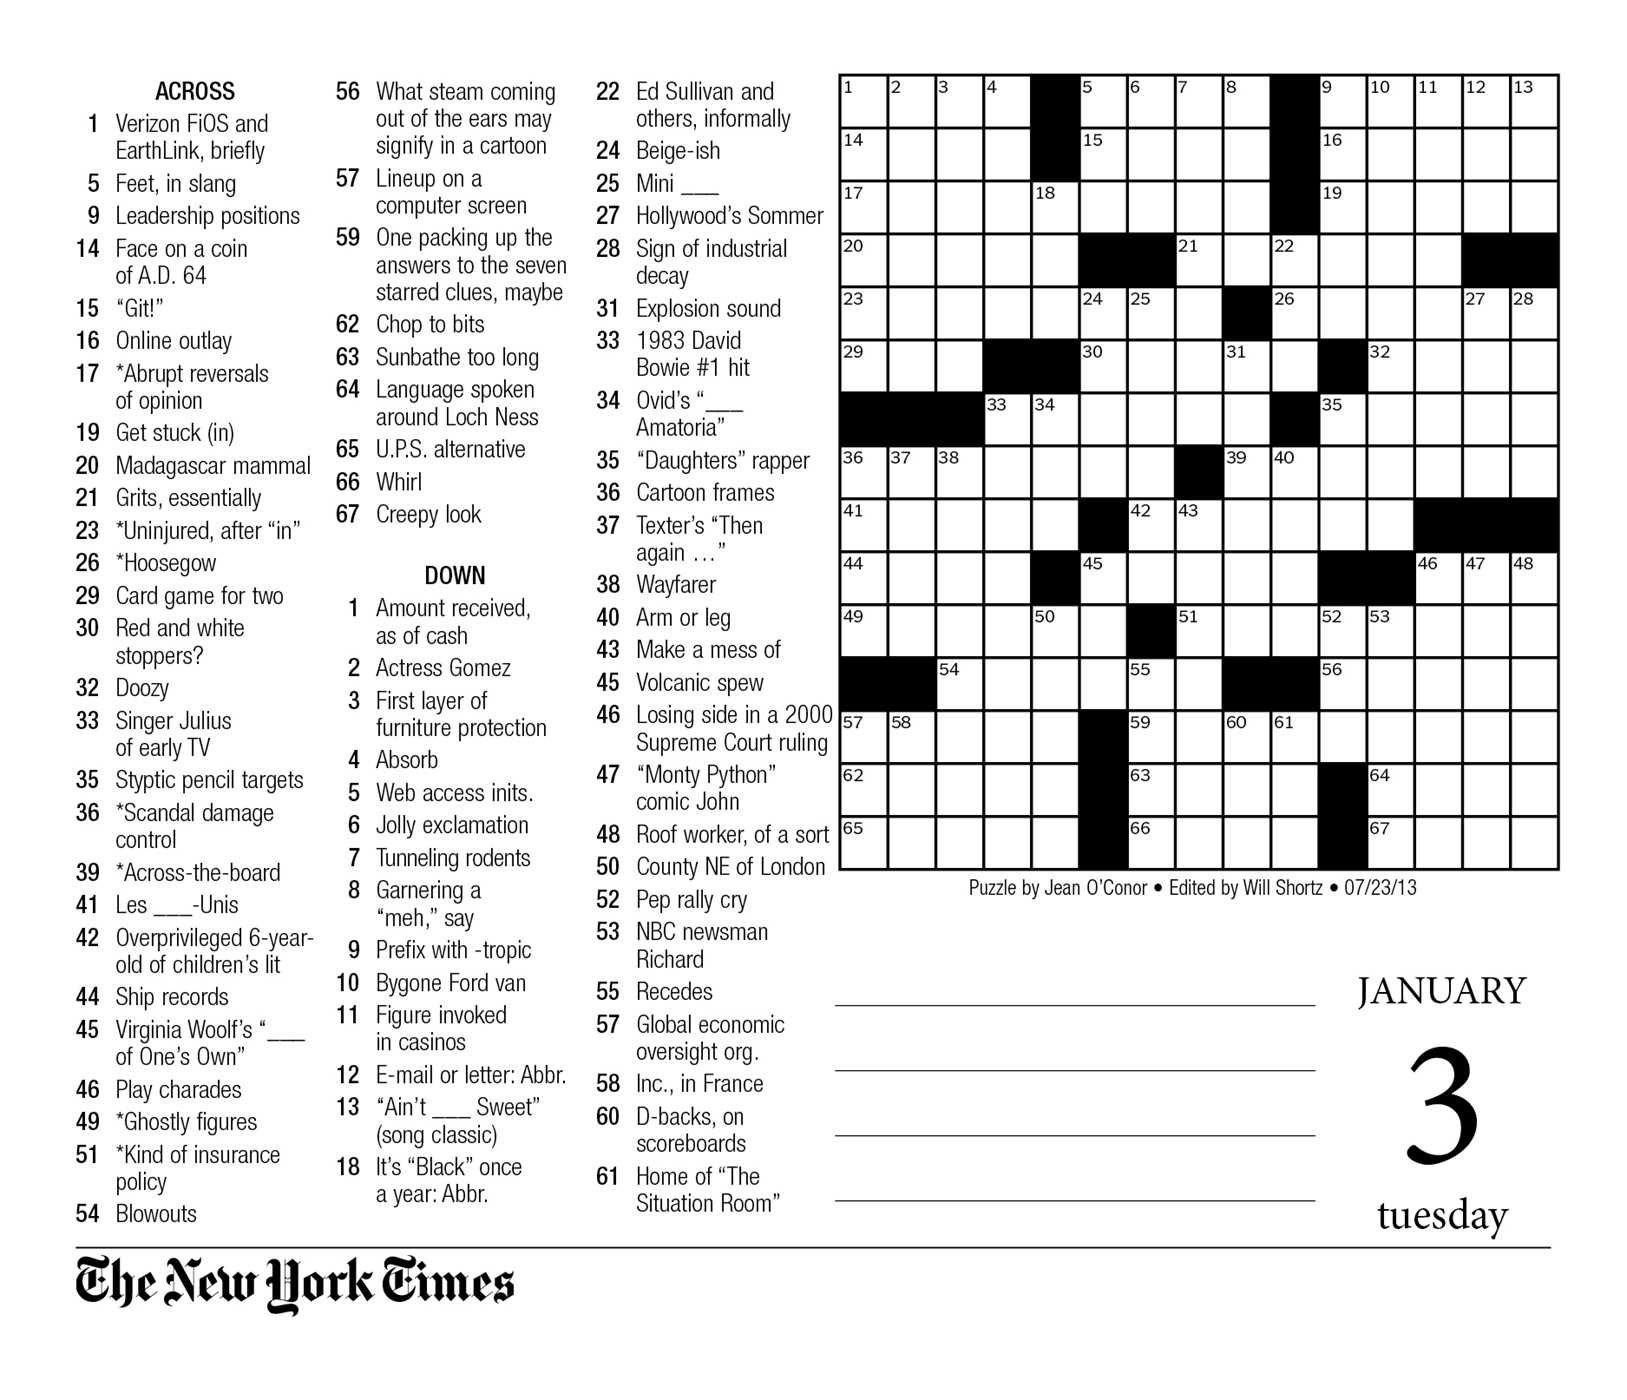 Crosswords Sunday Crossword Puzzle Printable ~ Themarketonholly - La Times Printable Crossword Puzzles 2019